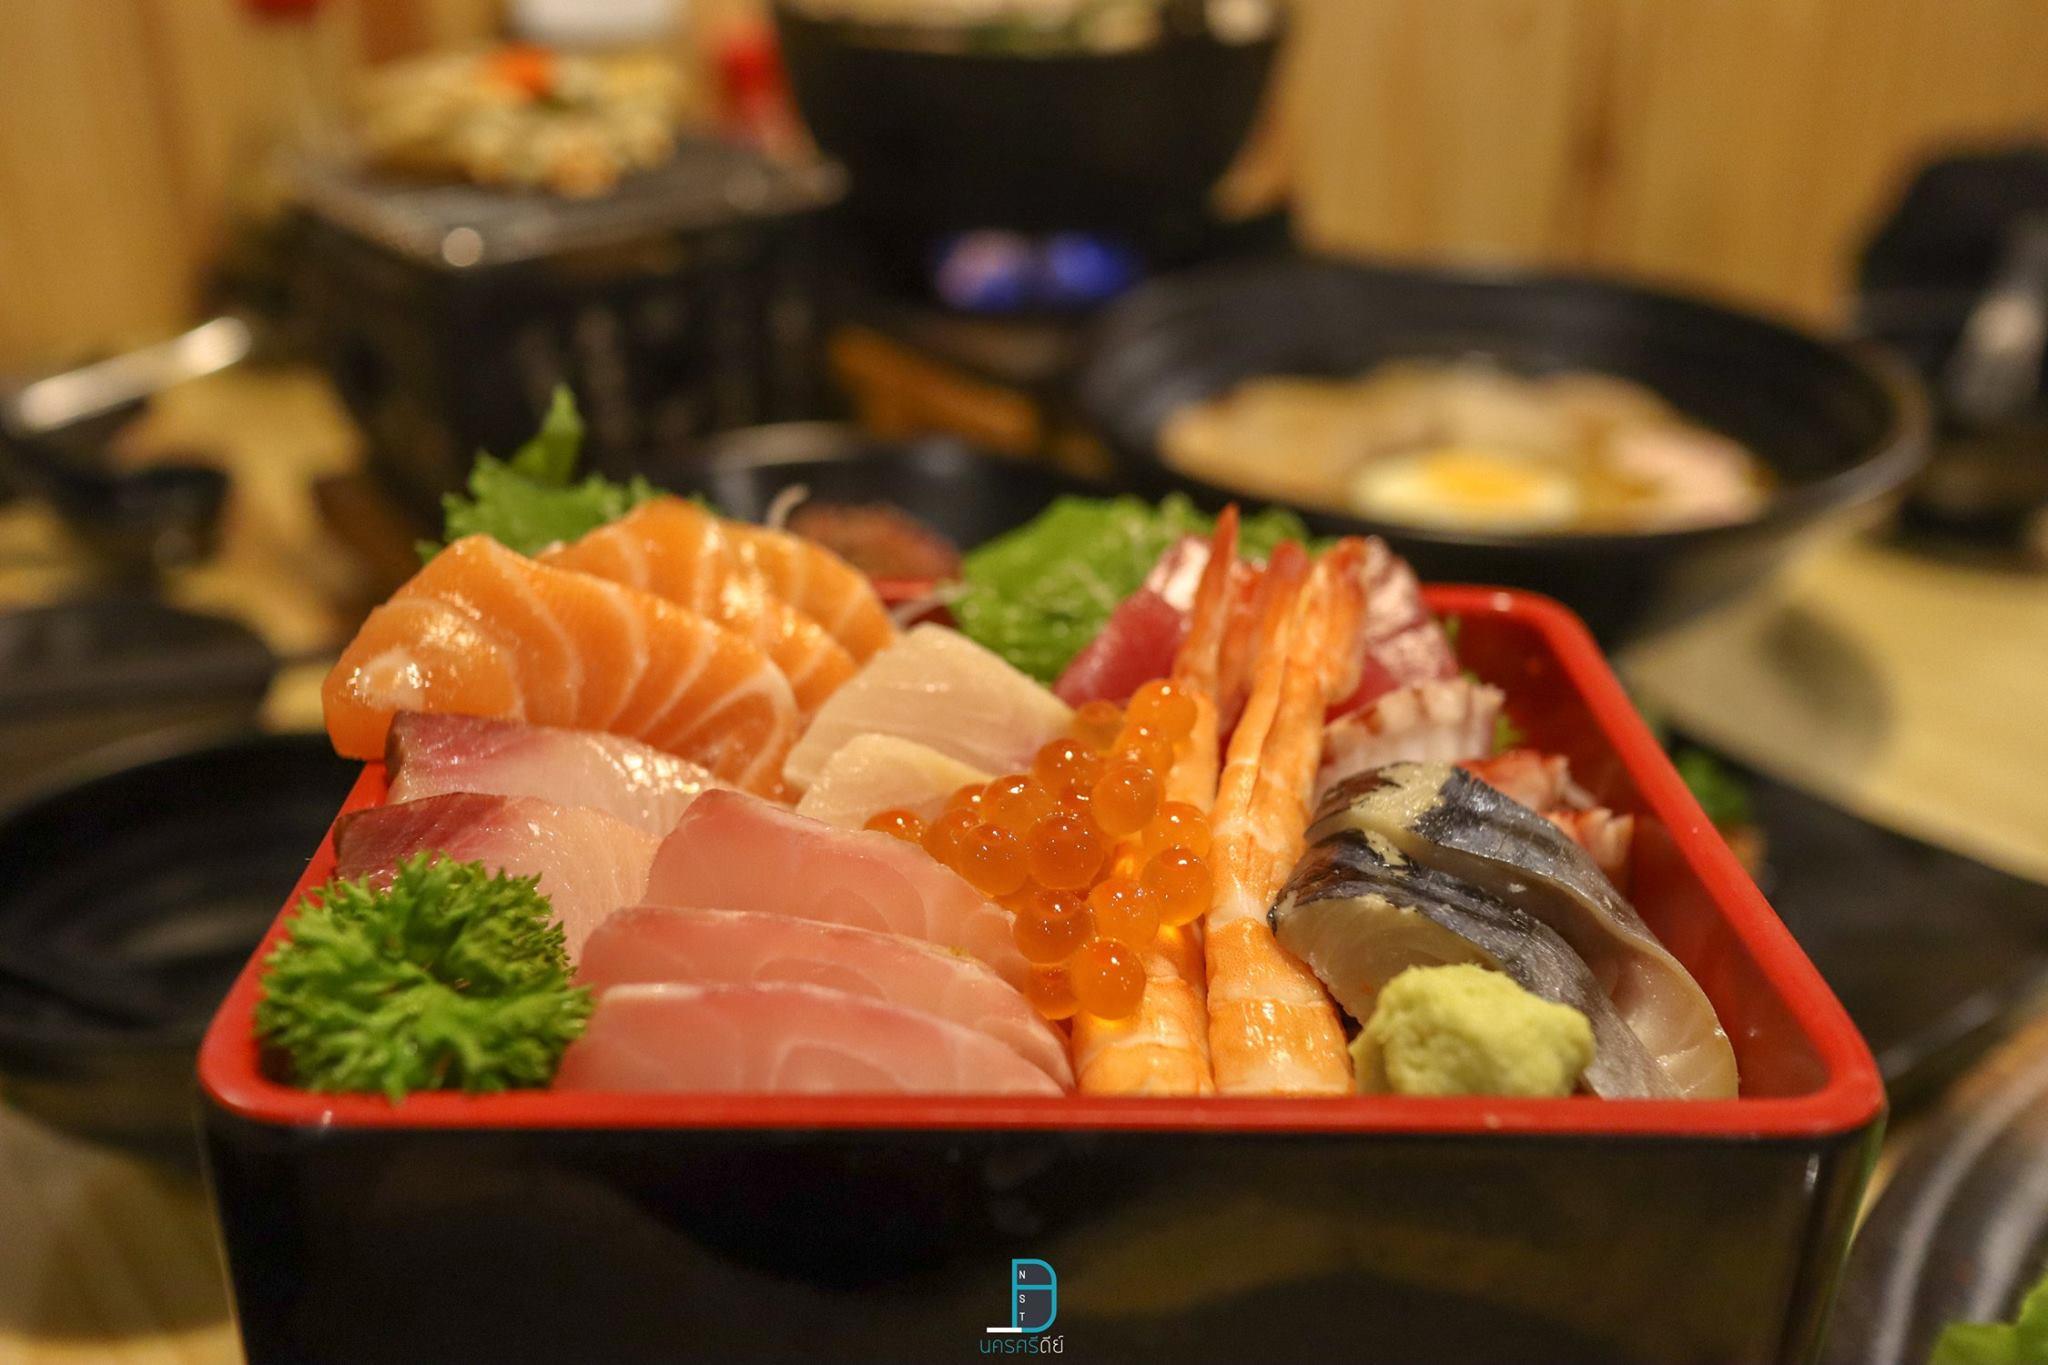 มาต่อกันด้วยร้านอาหารญี่ปุ่นสุดฮิต-ถือว่าเป็นเจ้าแรกของเมืองนครกันเลย-นั่นก็คือร้าน-Ginza-Izakaya-ขอบอกว่าเมนูมีเยอะมาก-ร้านนั่งชิวๆสบายๆ-รสชาติเด็ดเลยล่ะครับ ที่กิน,ที่เที่ยว,นครศรีธรรมราช,เมืองคอน,2018,BunprasopGardenHotel,นครศรี,อำเภอเมือง